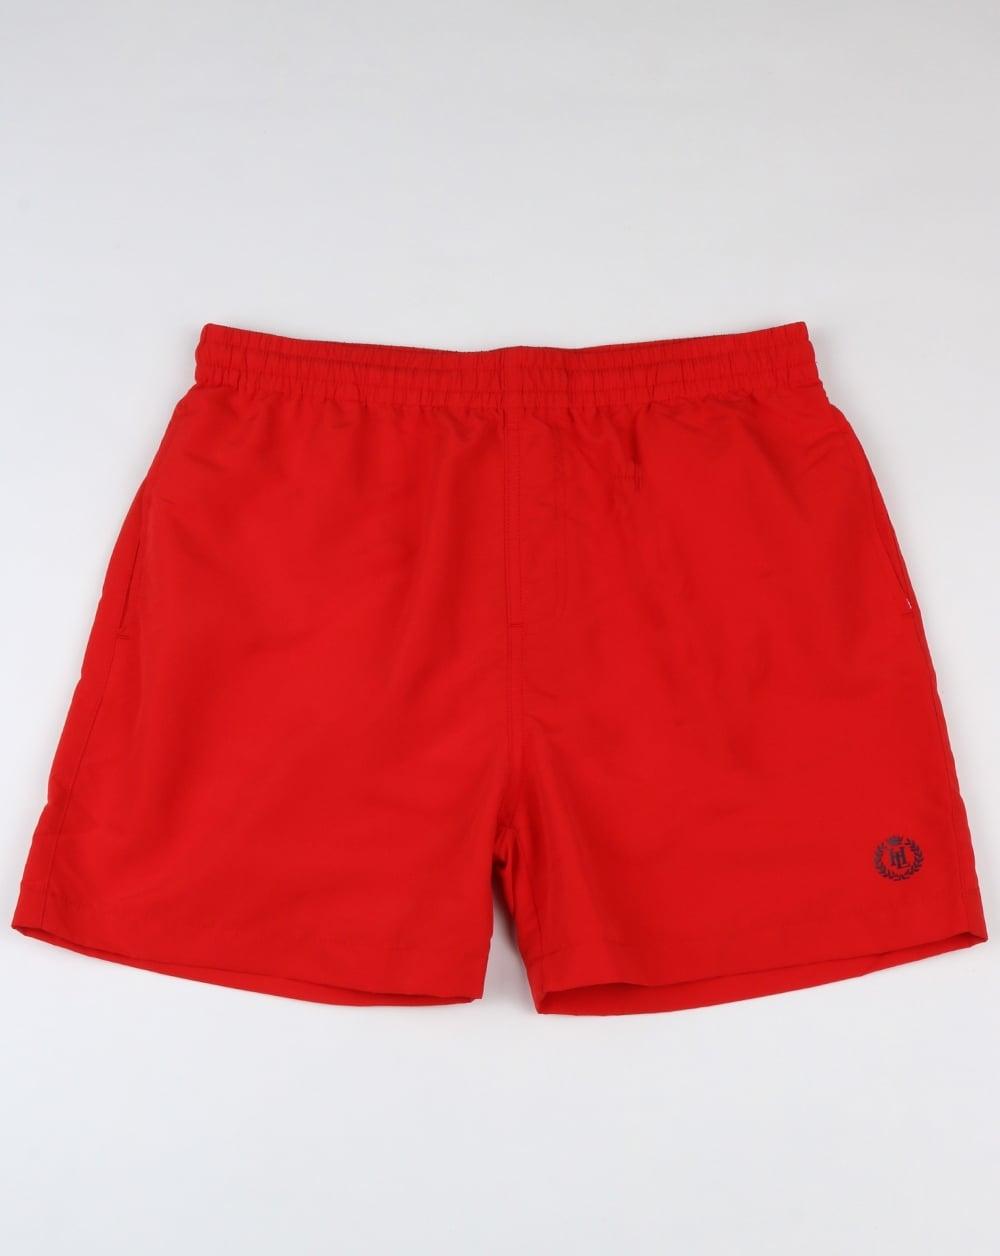 ff2ac5bafc Henri Lloyd Brixham Swim Shorts Cardinal Red,beach,swimmers,mens